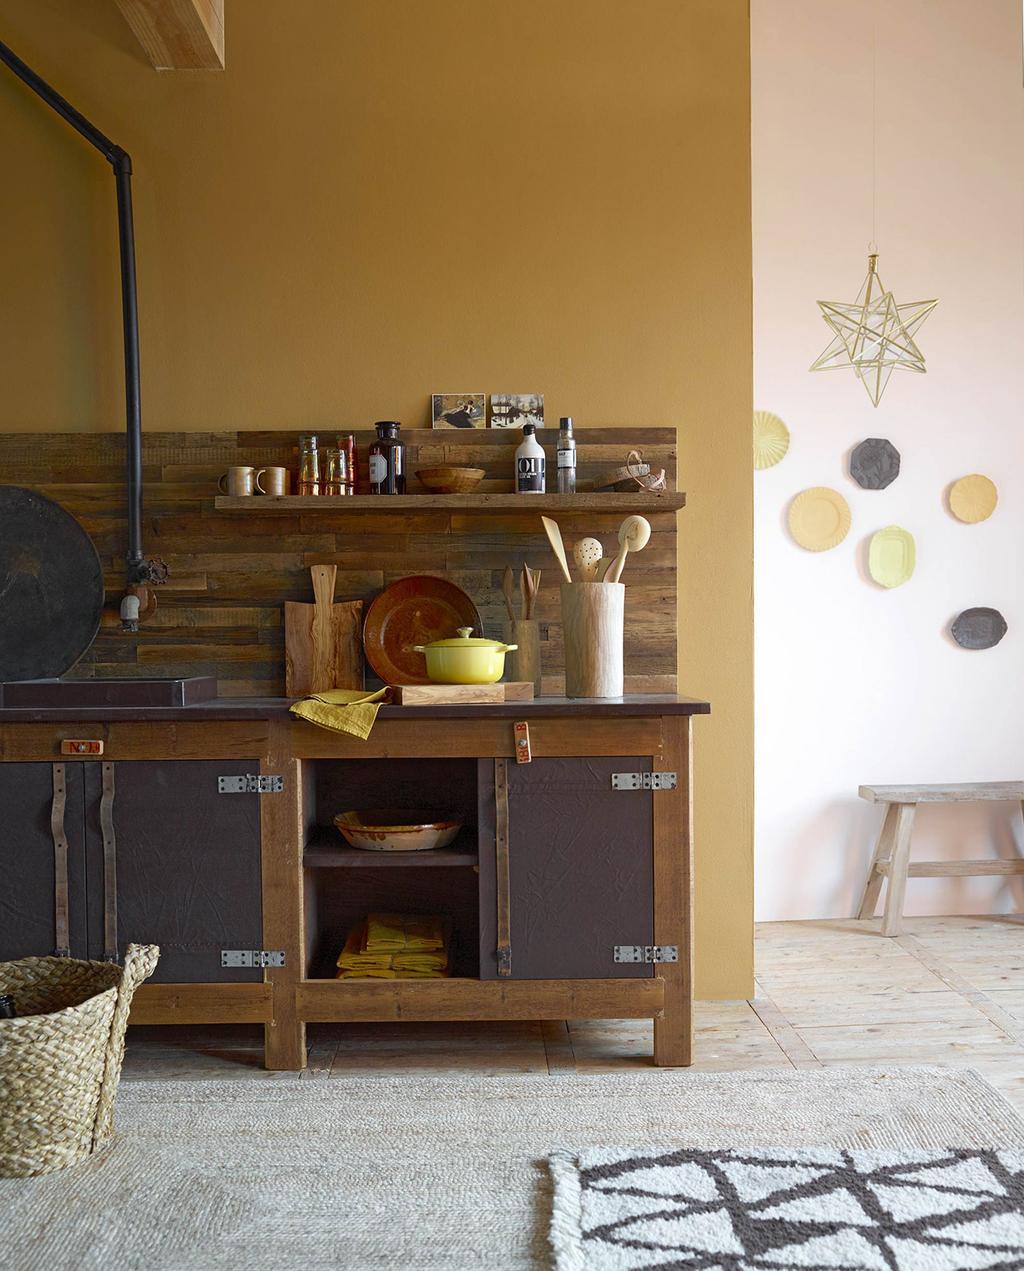 vtwonen 01-2016 | okergeel houten keuken met lamp van ster